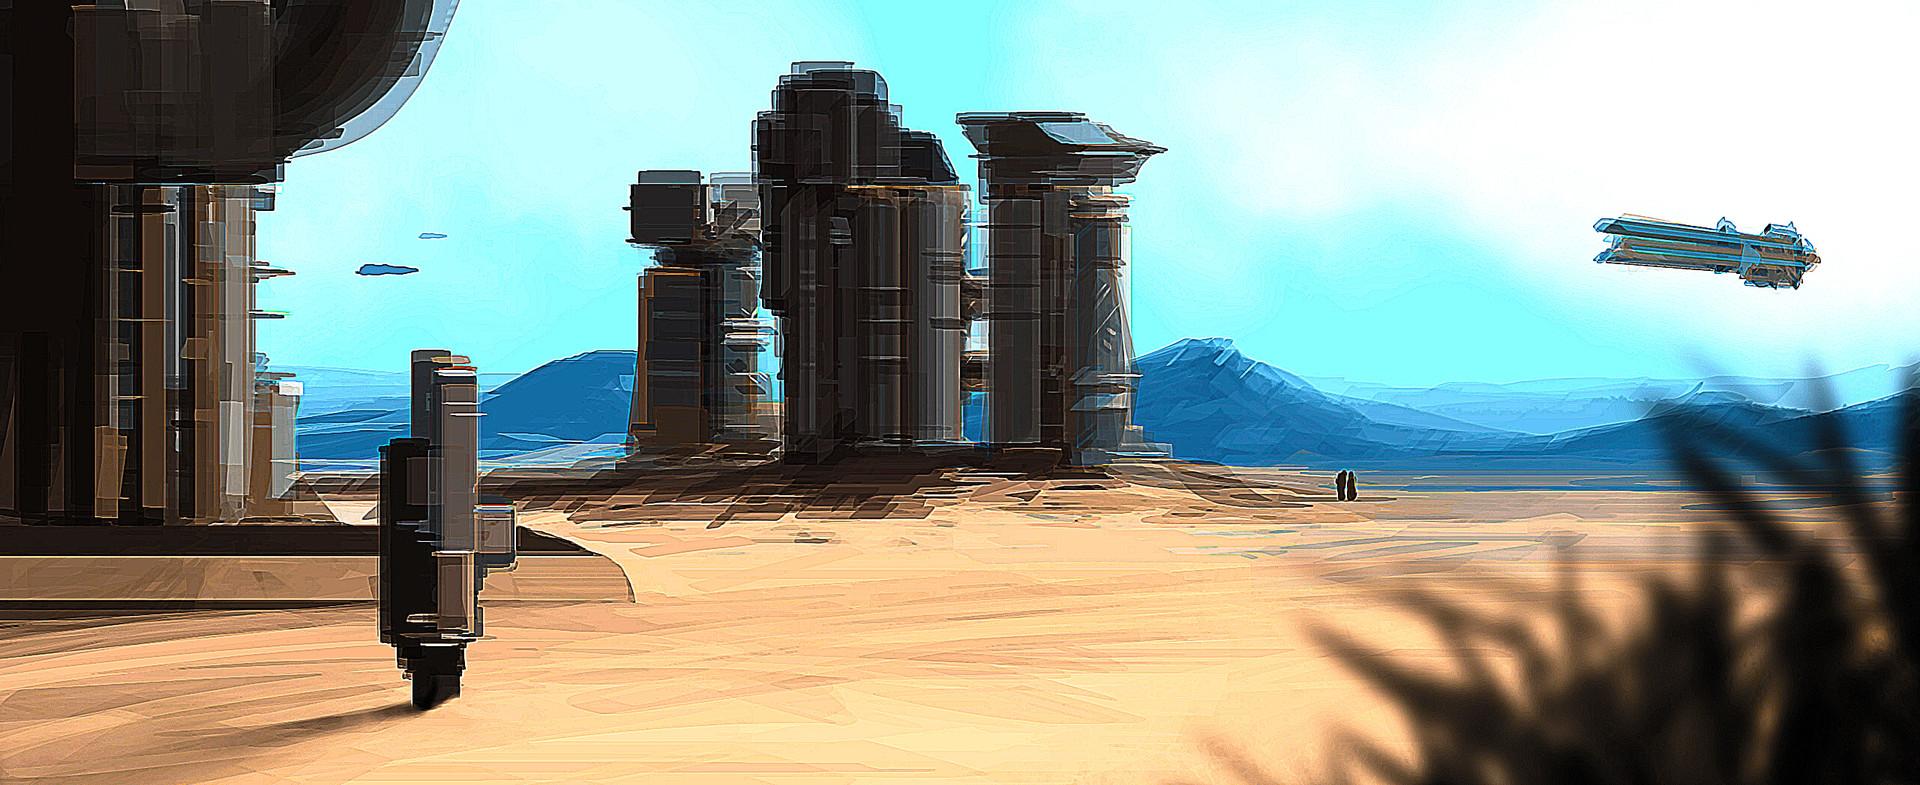 Desert Mining Station - 2010